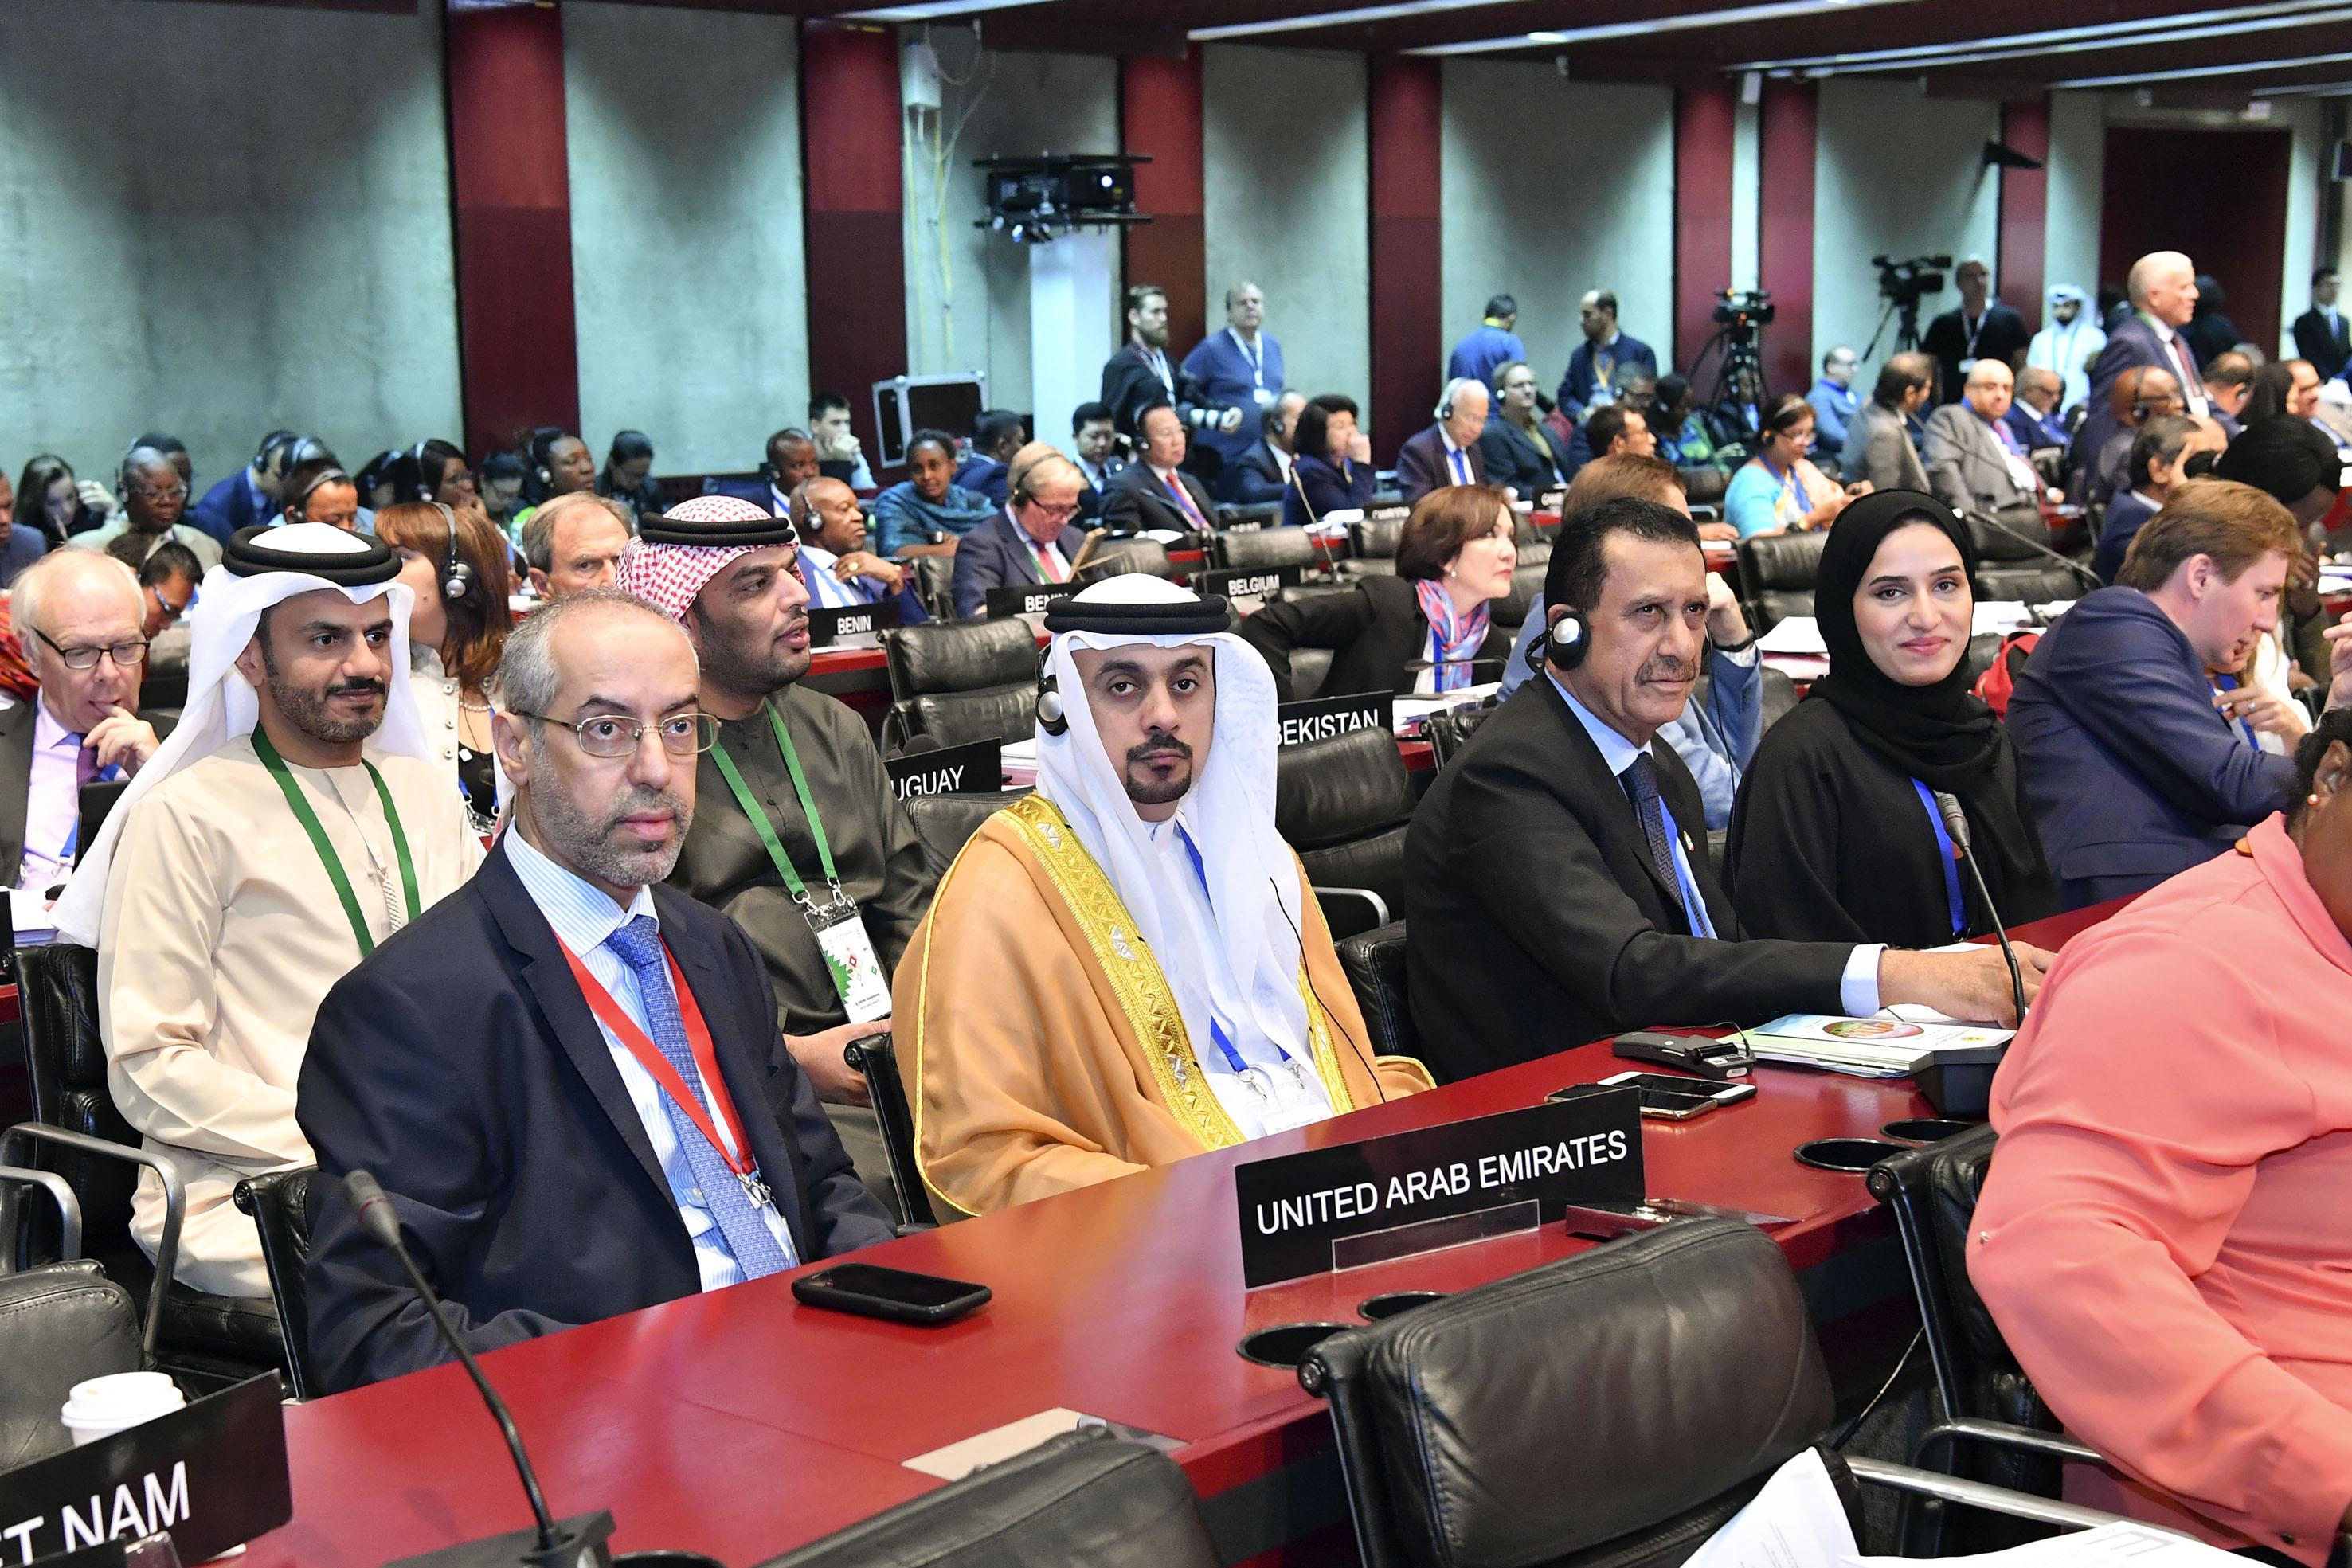 وفد المجلس الوطني الاتحادي يختتم مشاركته في اجتماعات الاتحاد البرلماني الدولي